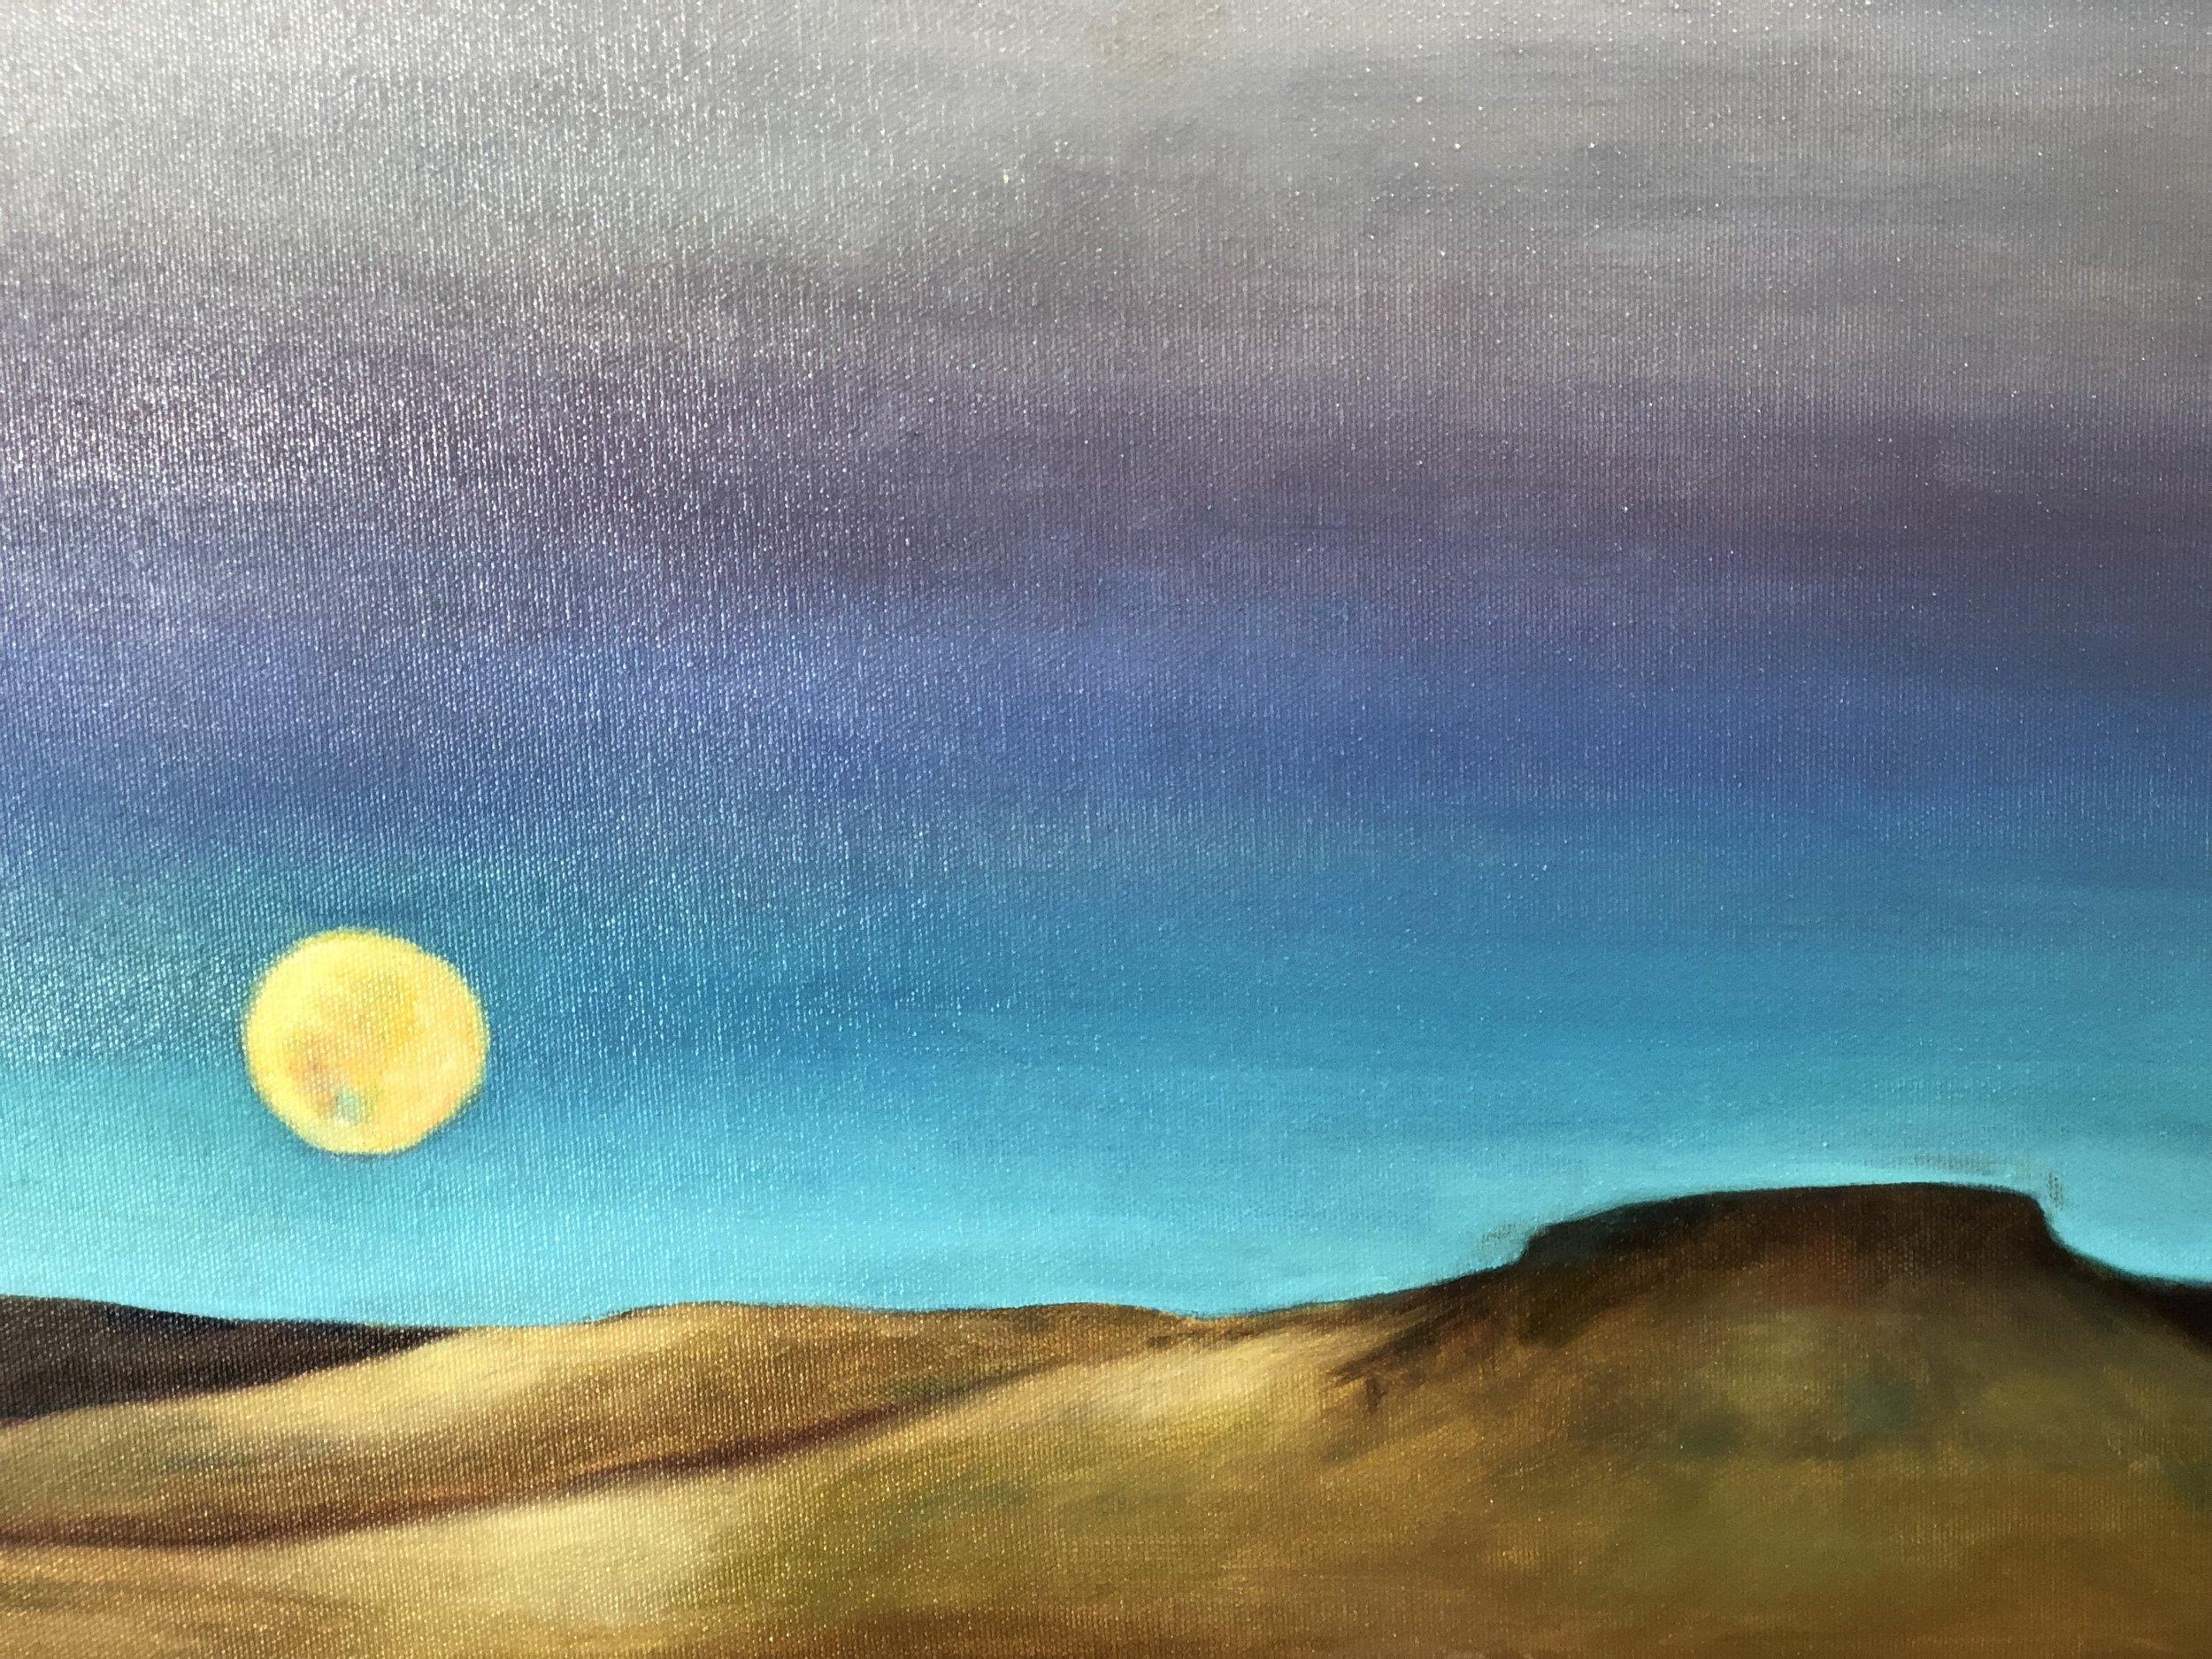 Moon Over Biscuit Top